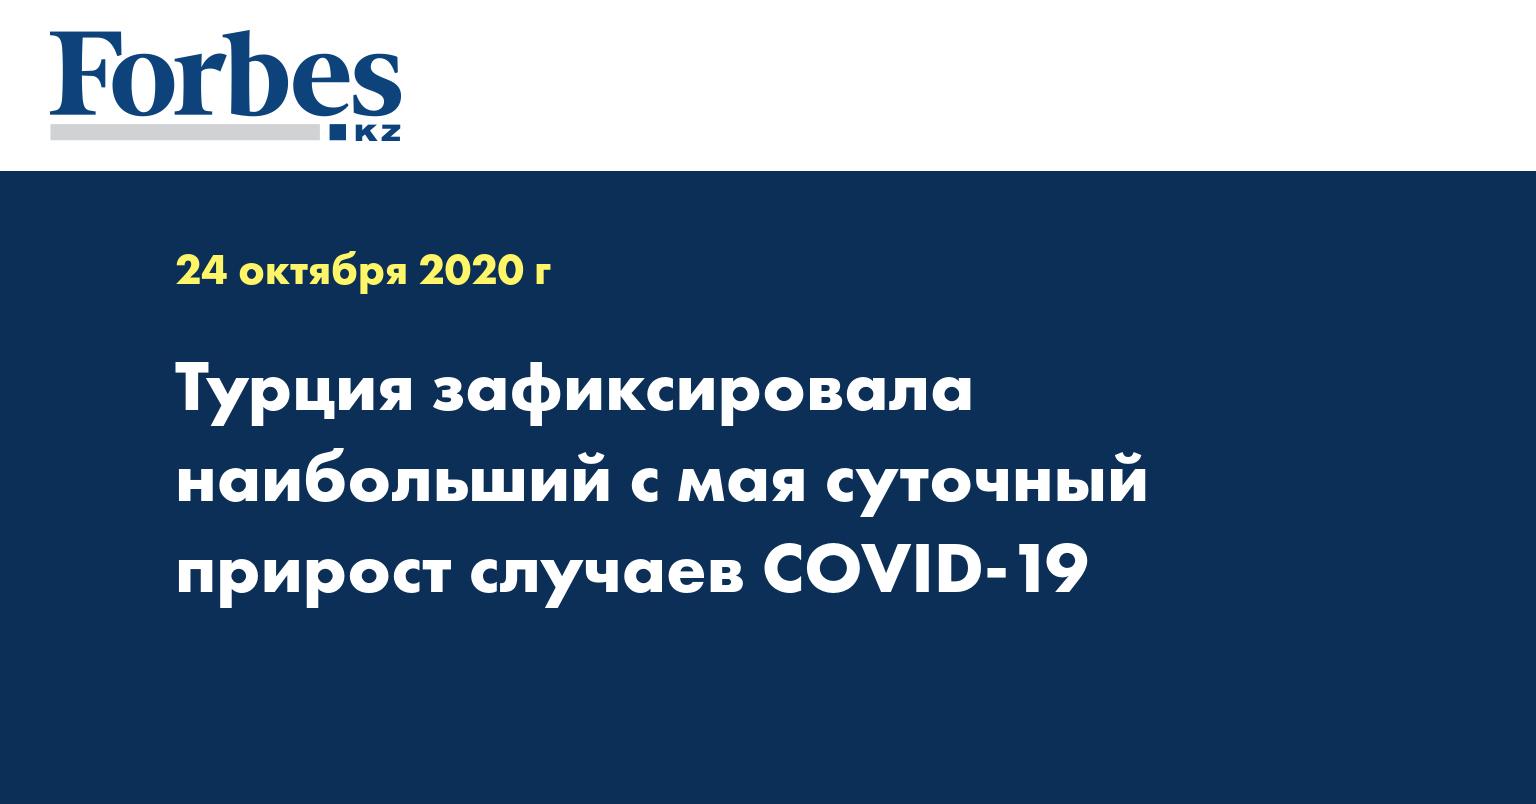 Турция зафиксировала наибольший с мая суточный прирост случаев COVID-19